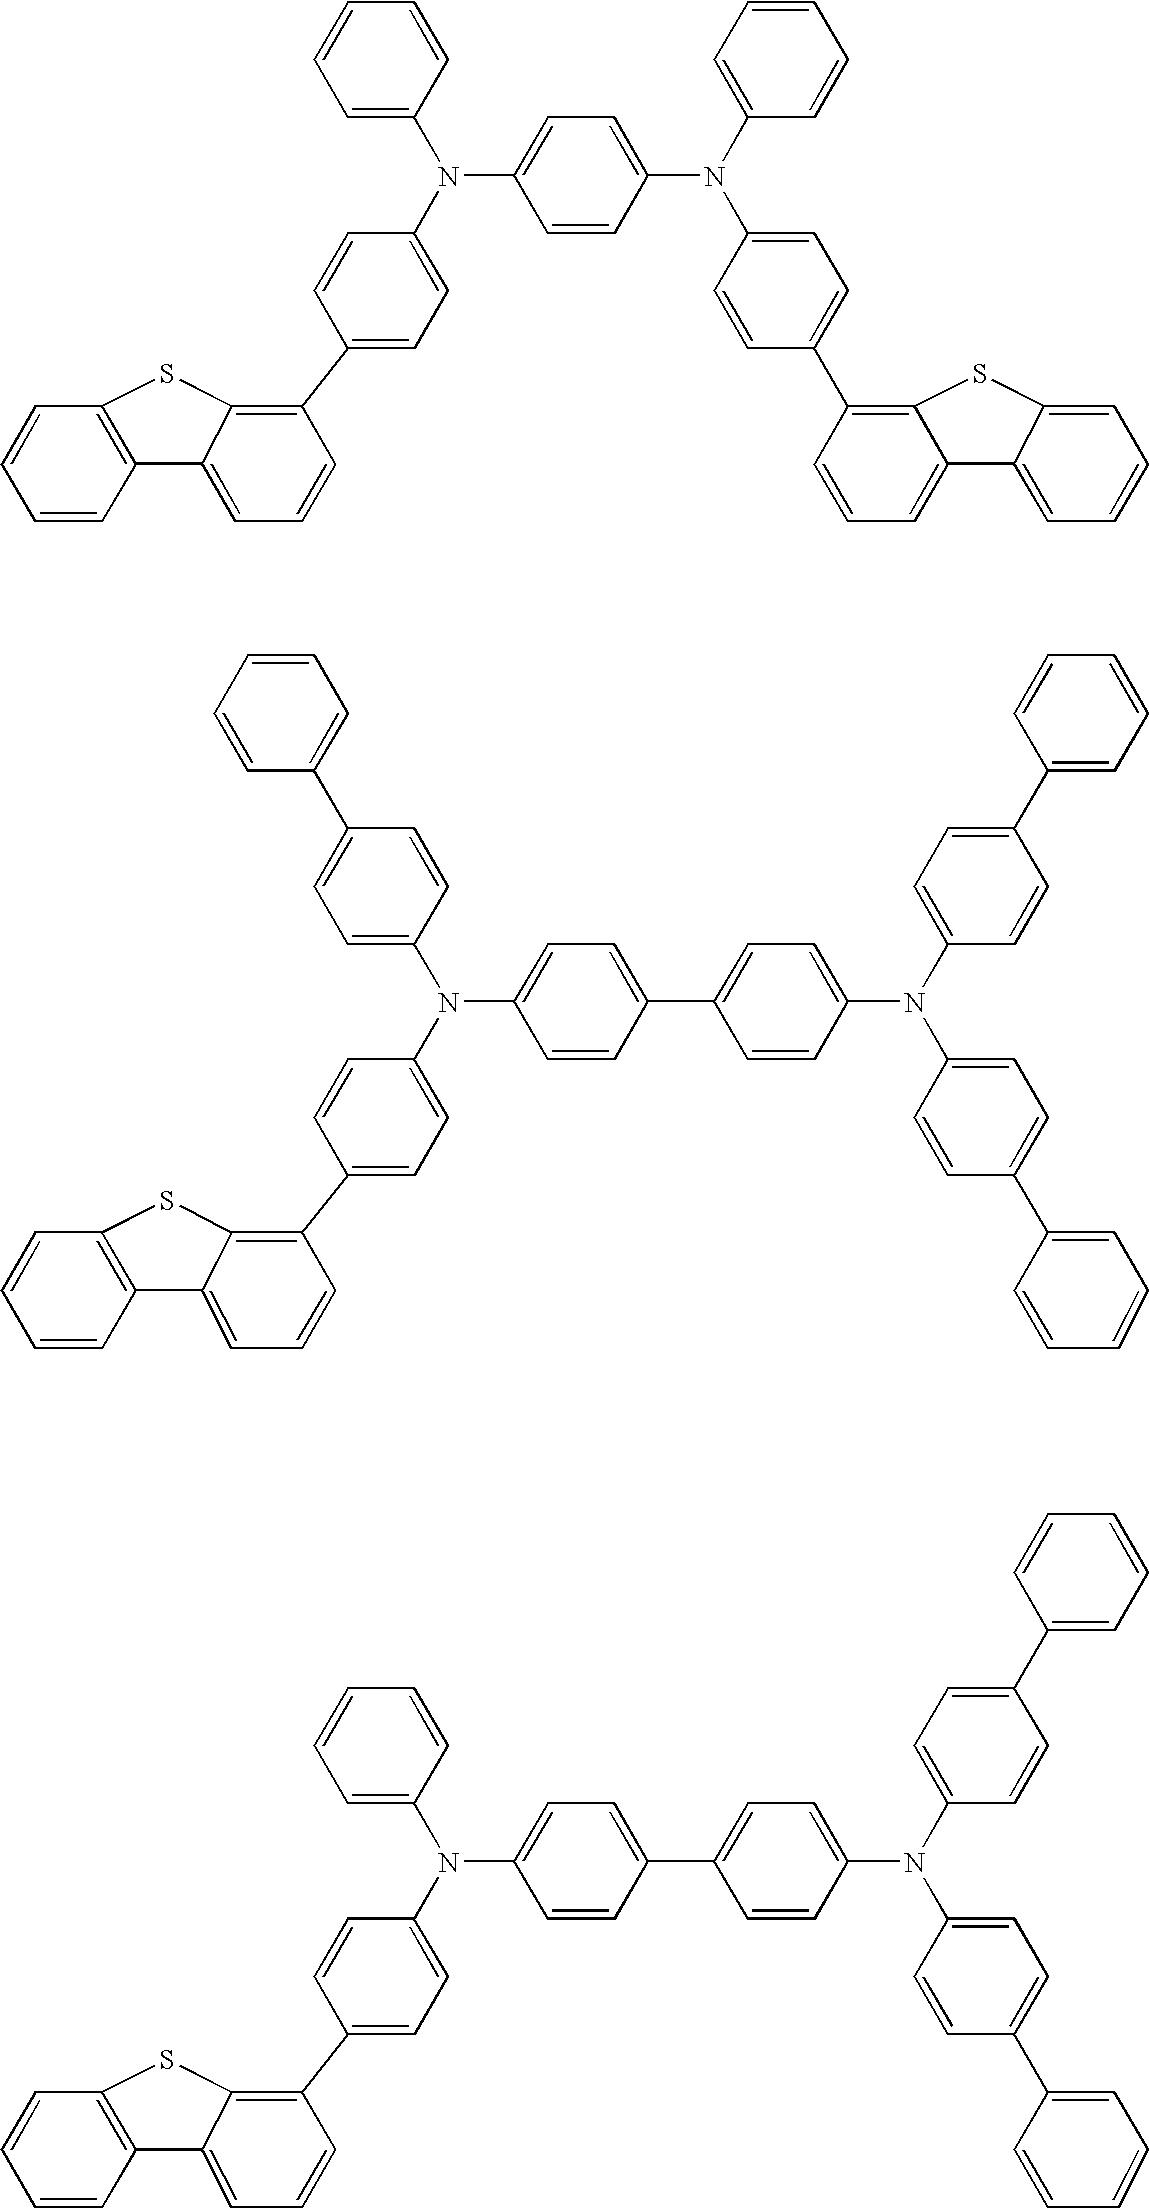 Figure US20070278938A1-20071206-C00022